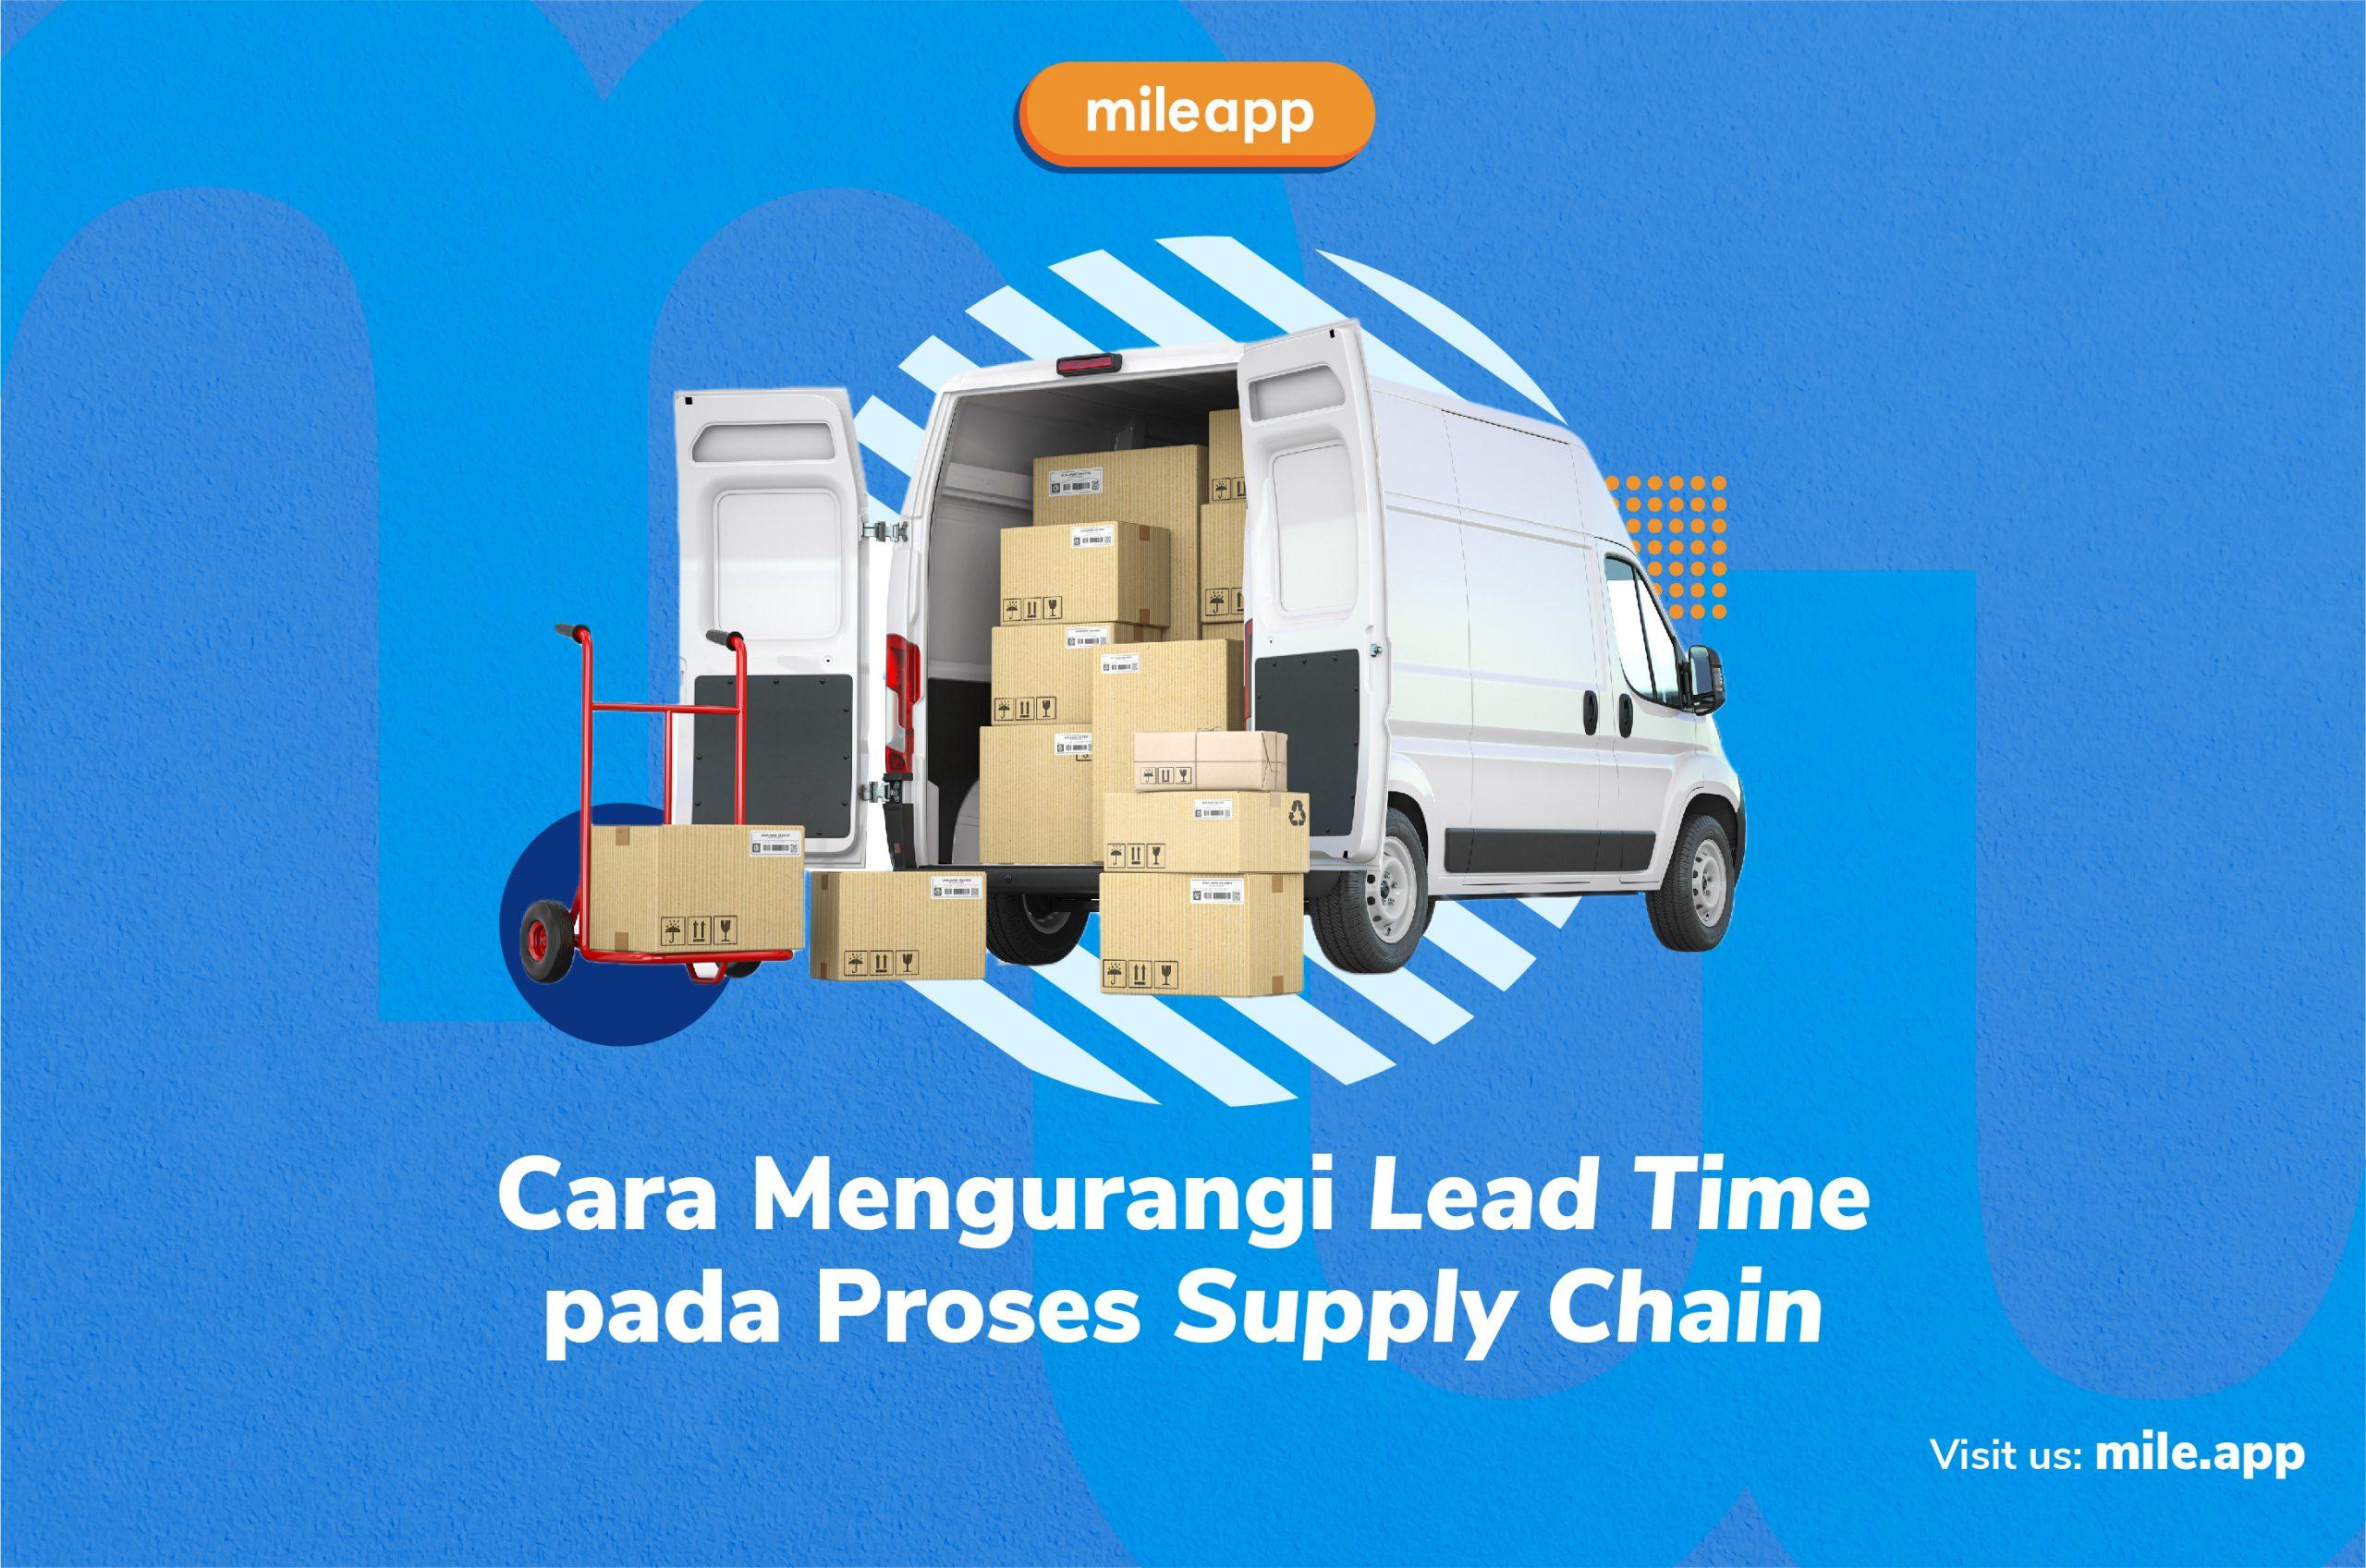 Cara Mengurangi Lead Time pada Proses Supply Chain